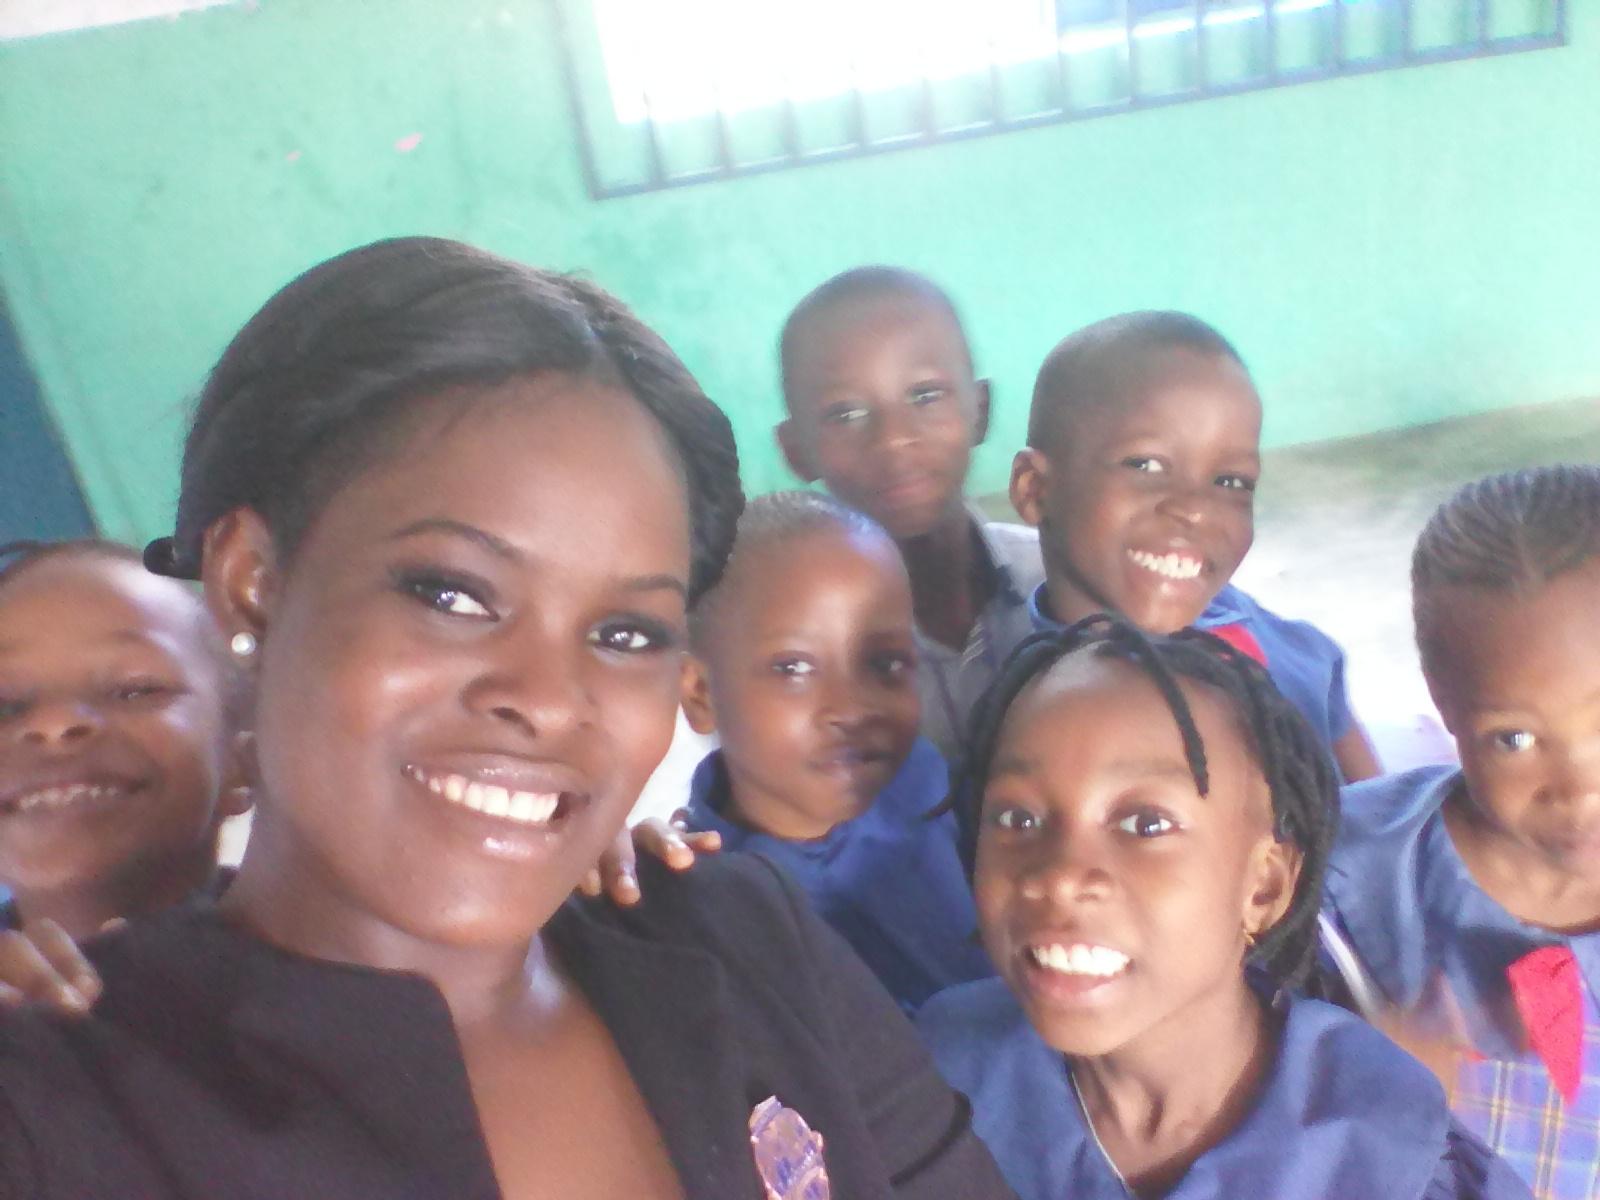 Teaching this Kids Spoken English